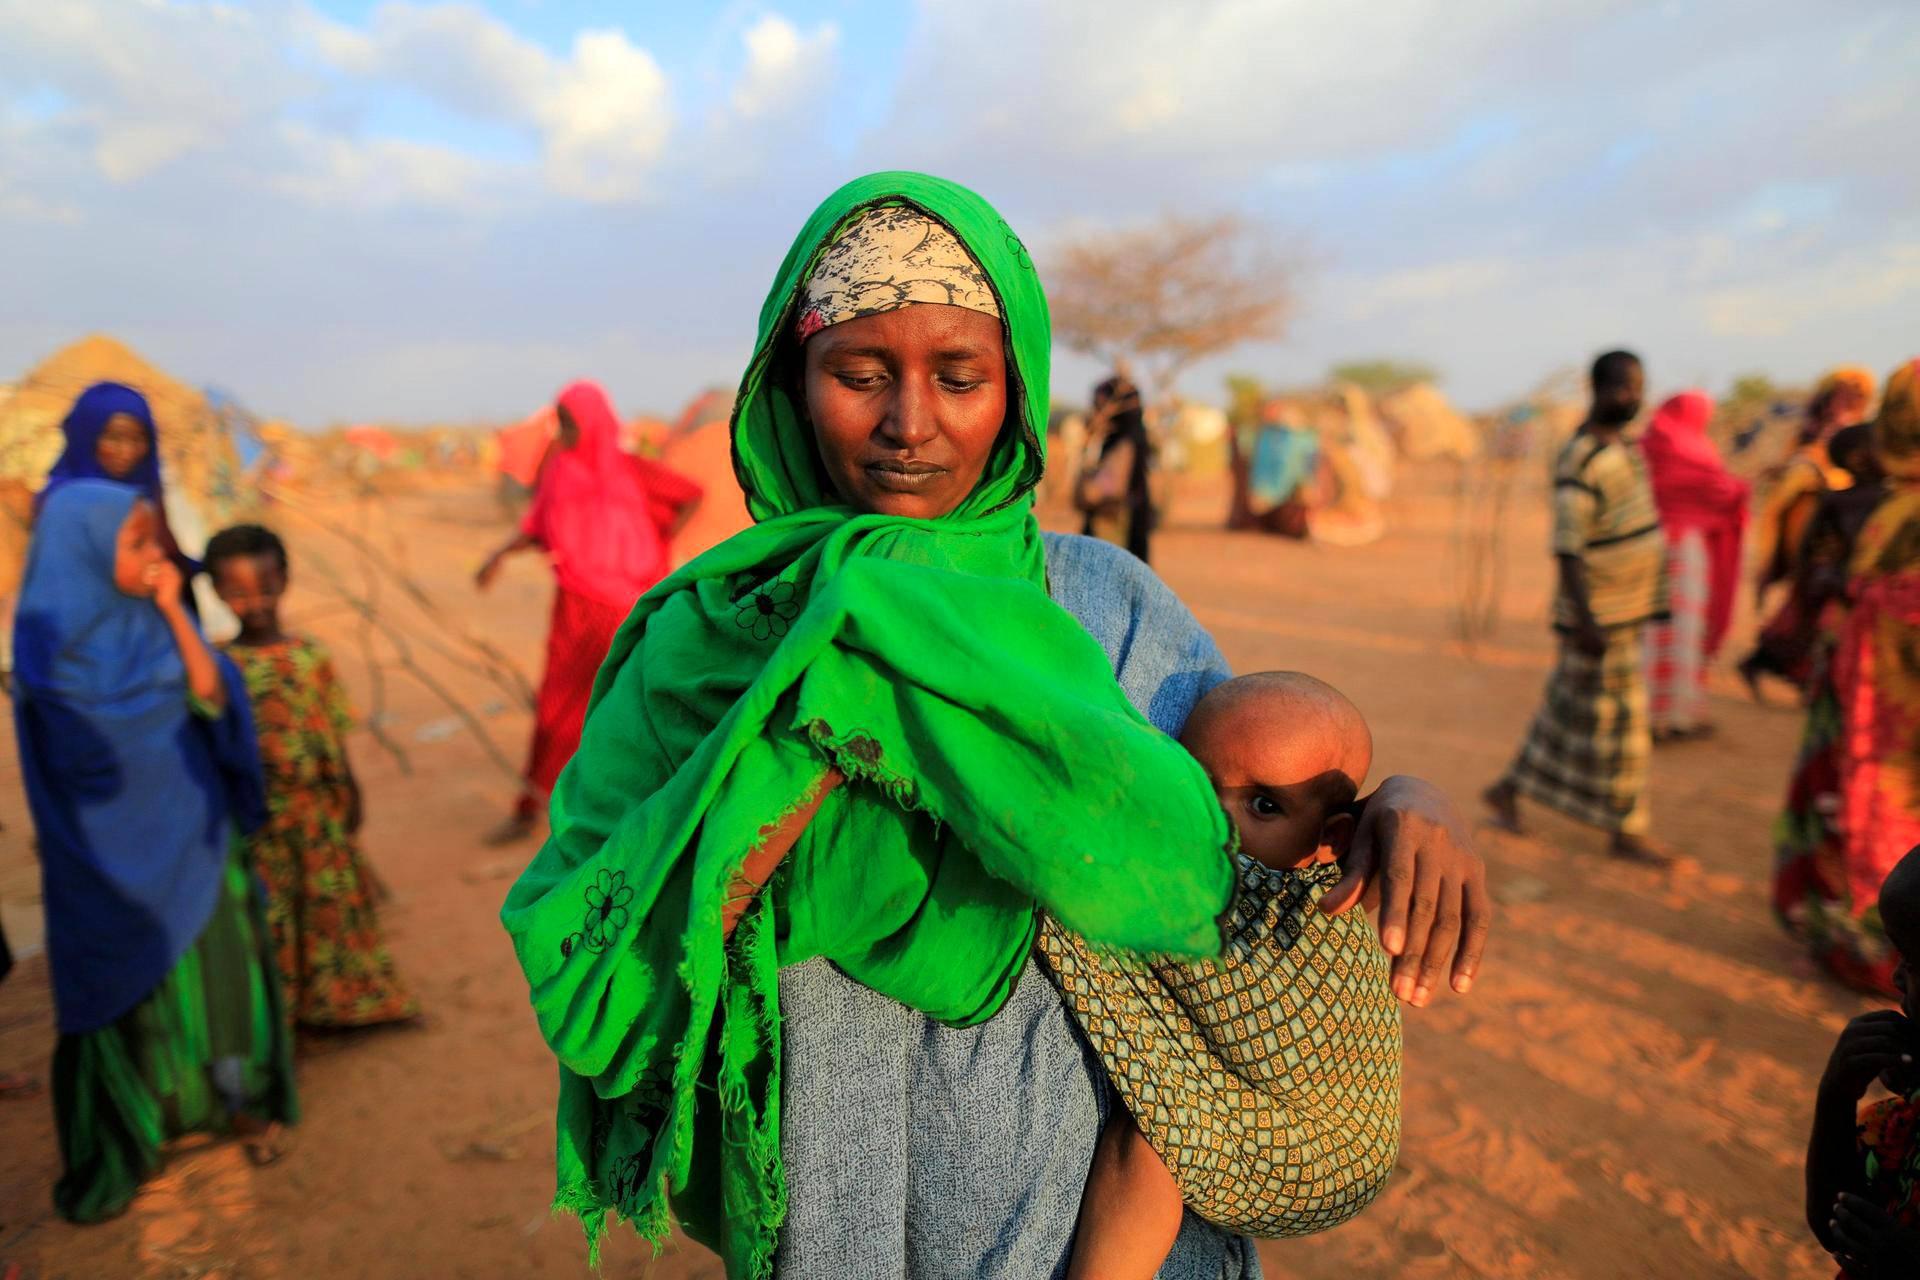 Kuivuuden takia kotiseutunsa jättänyt äiti lapsensa kanssa avustuskeskuksessa Dollowissa Somaliassa.